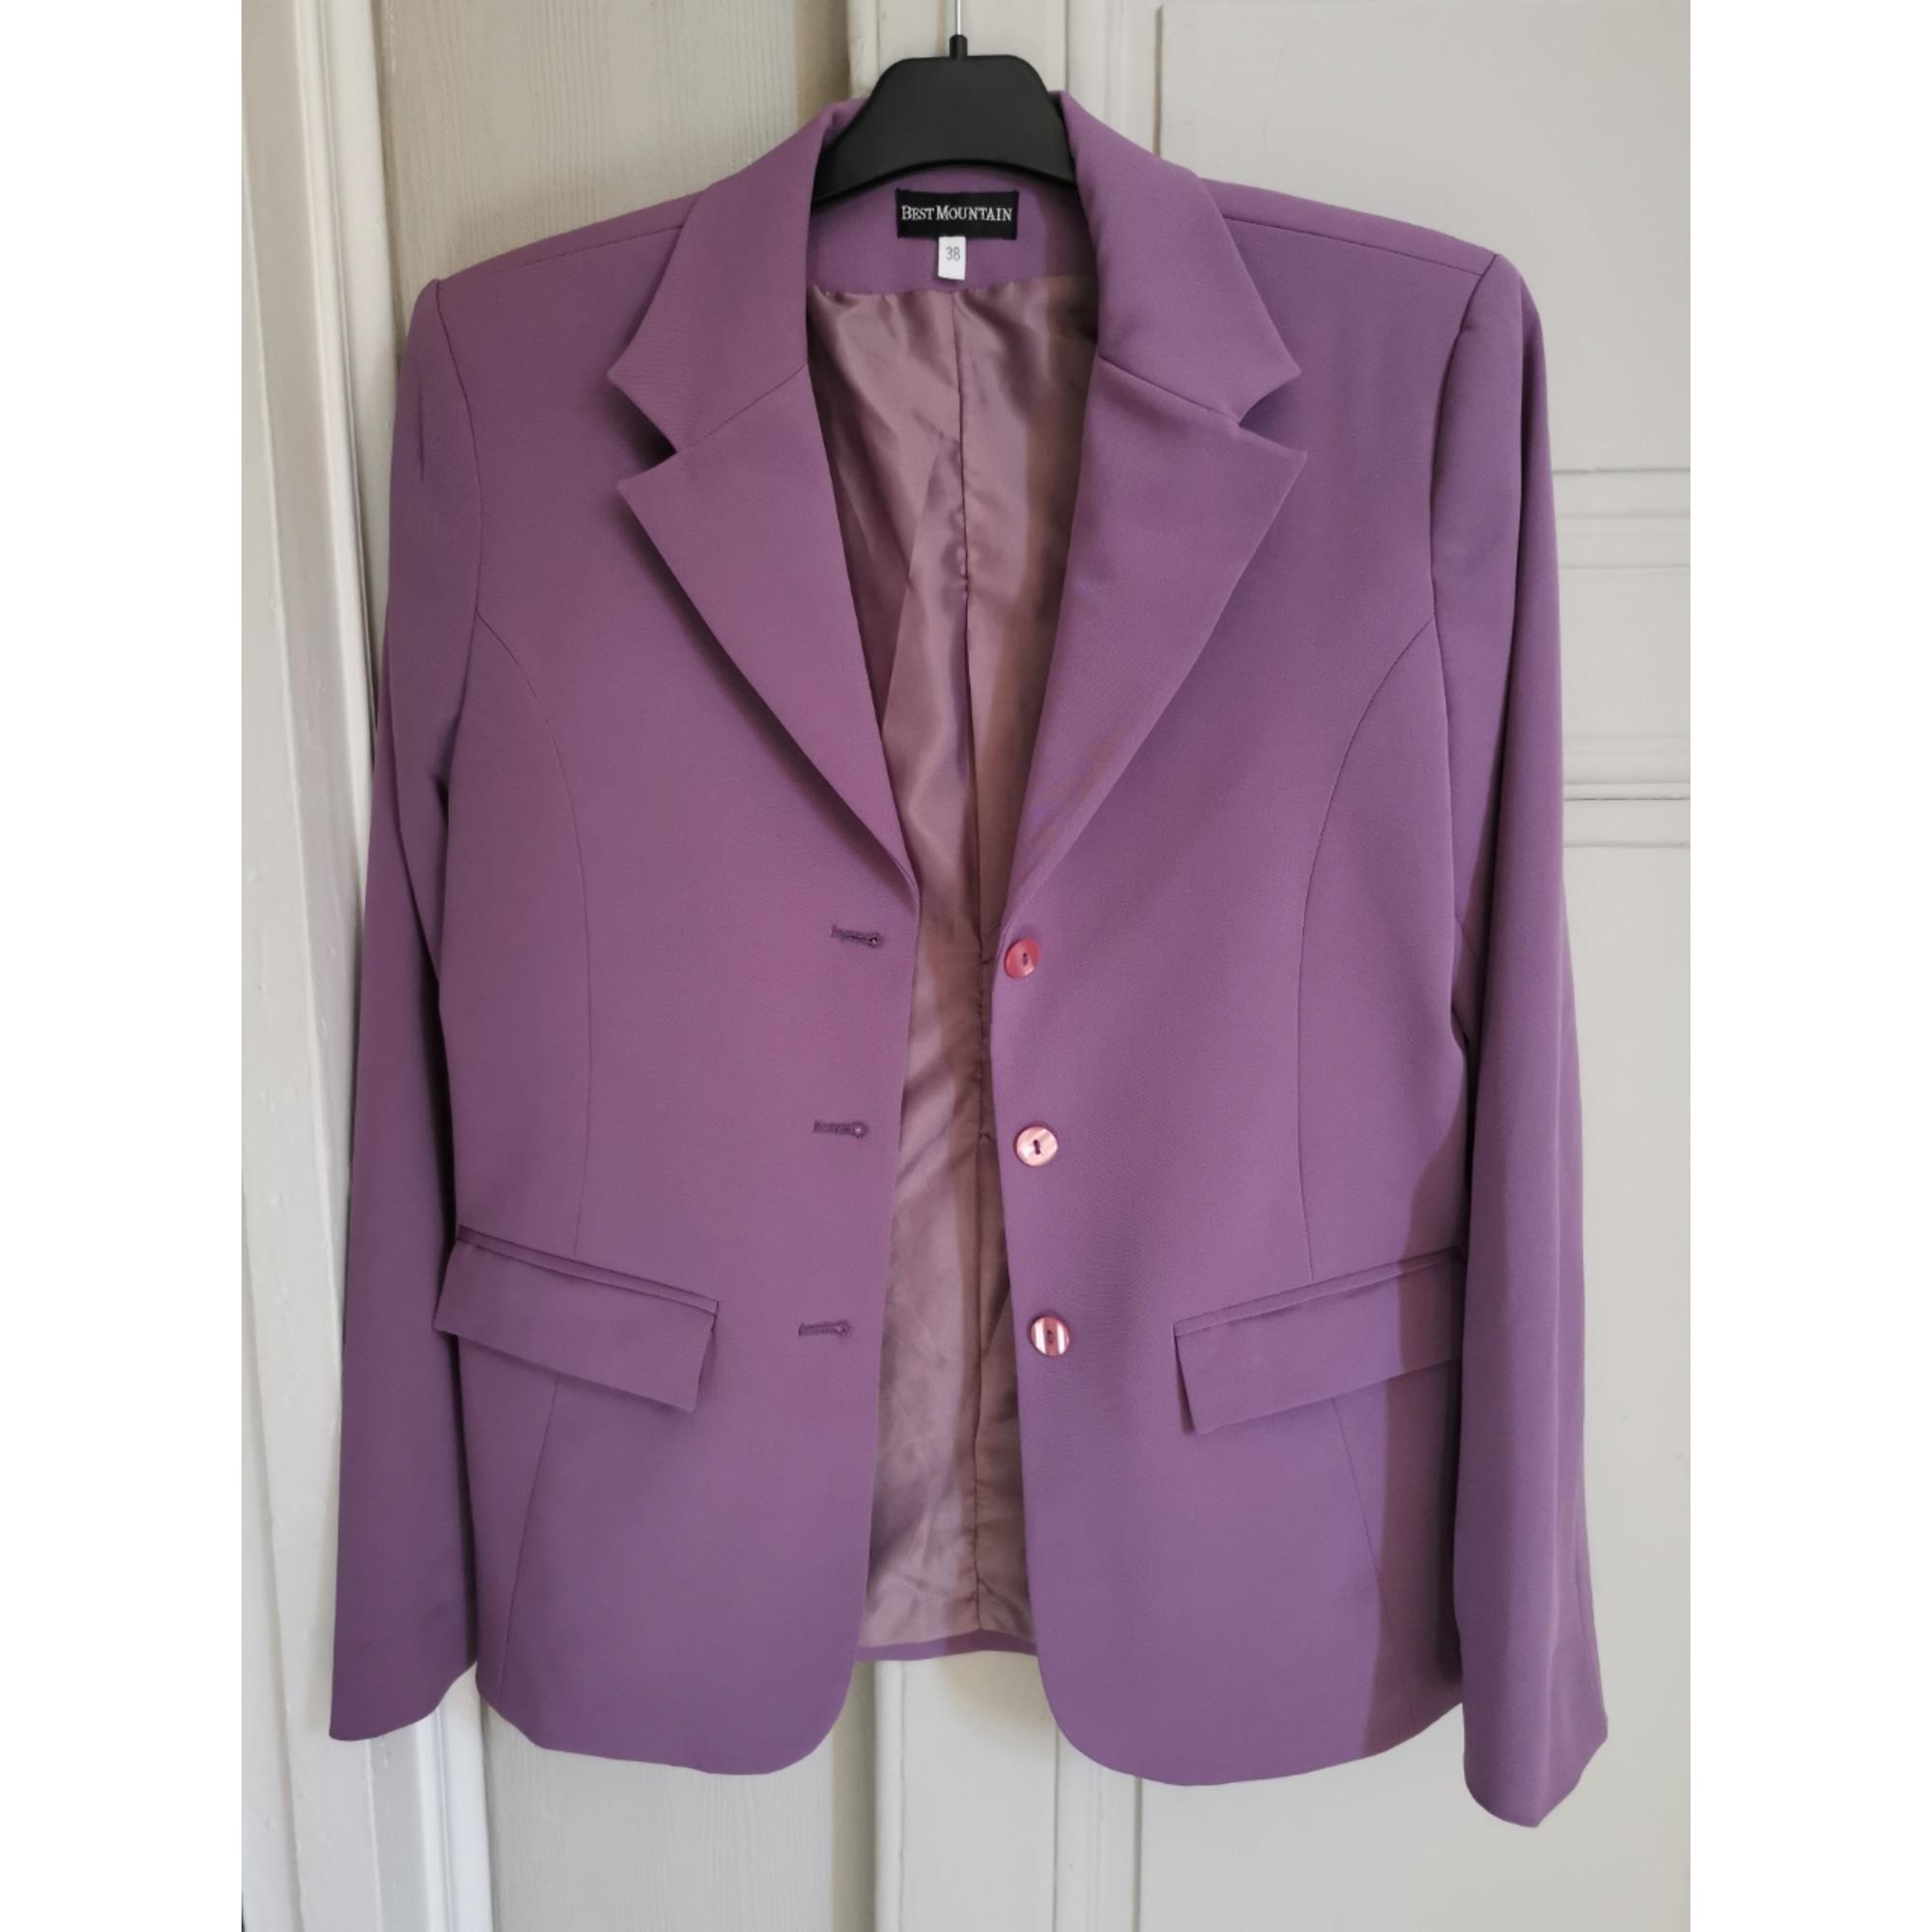 Blazer, veste tailleur BEST MOUNTAIN Violet, mauve, lavande